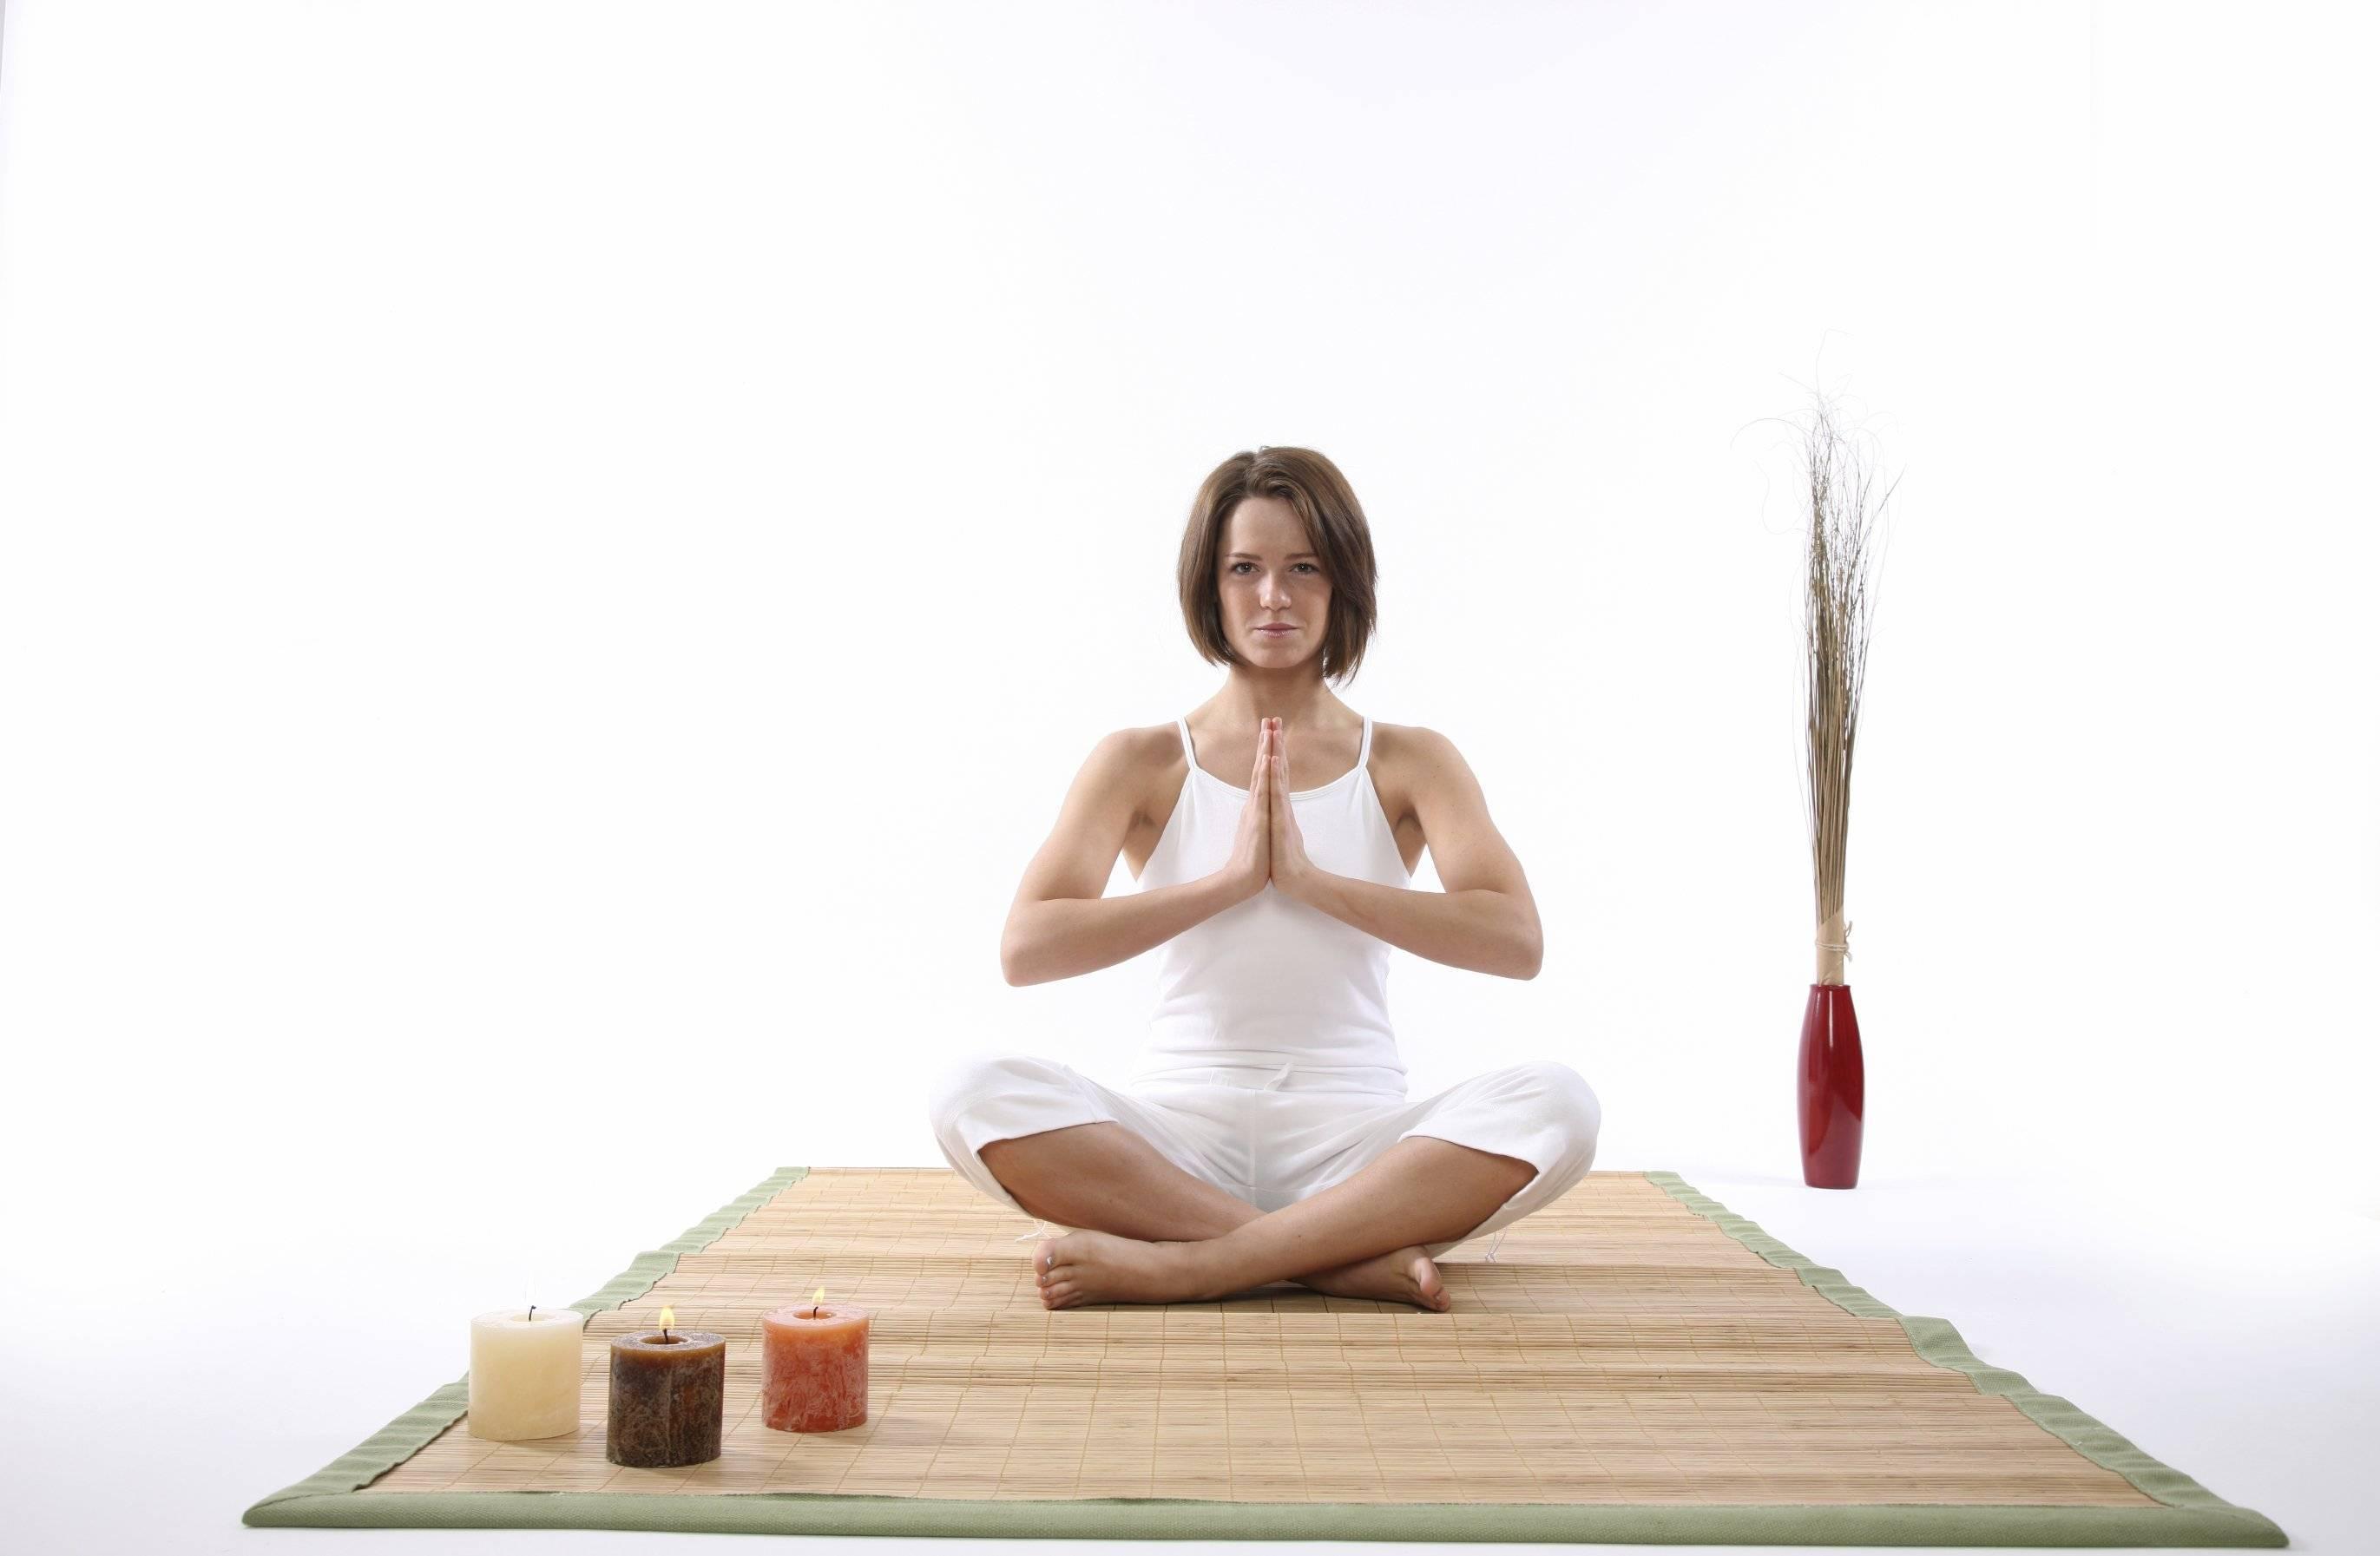 Медитация прощения и отпускания обид